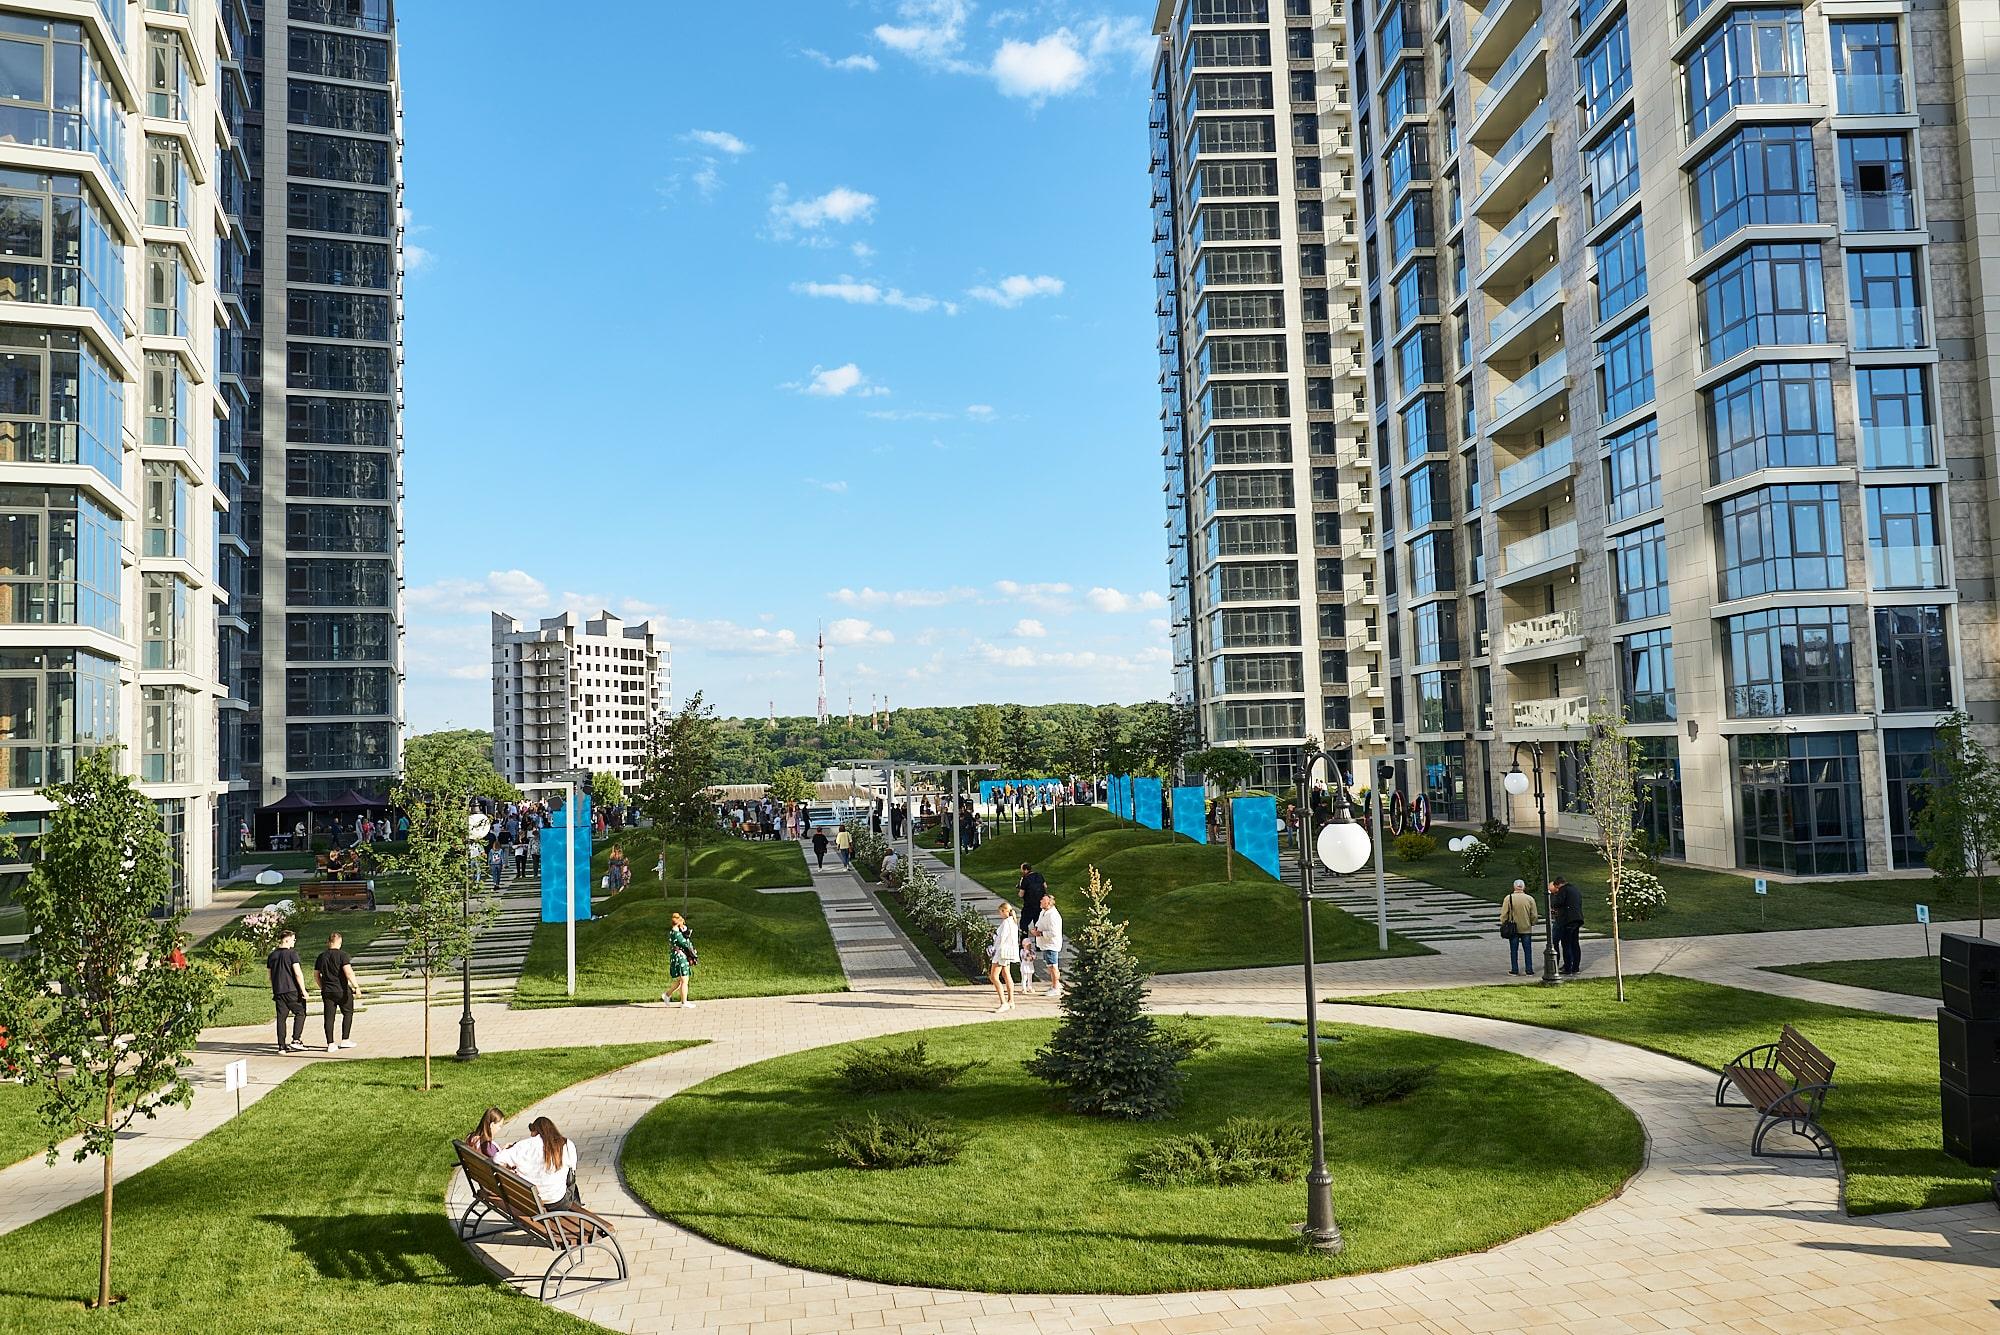 """Грандіозне відкриття нового фонтанного комплексу і 6-ї черги будівництва елітного кварталу ЖК """"Новопечерські Липки"""""""